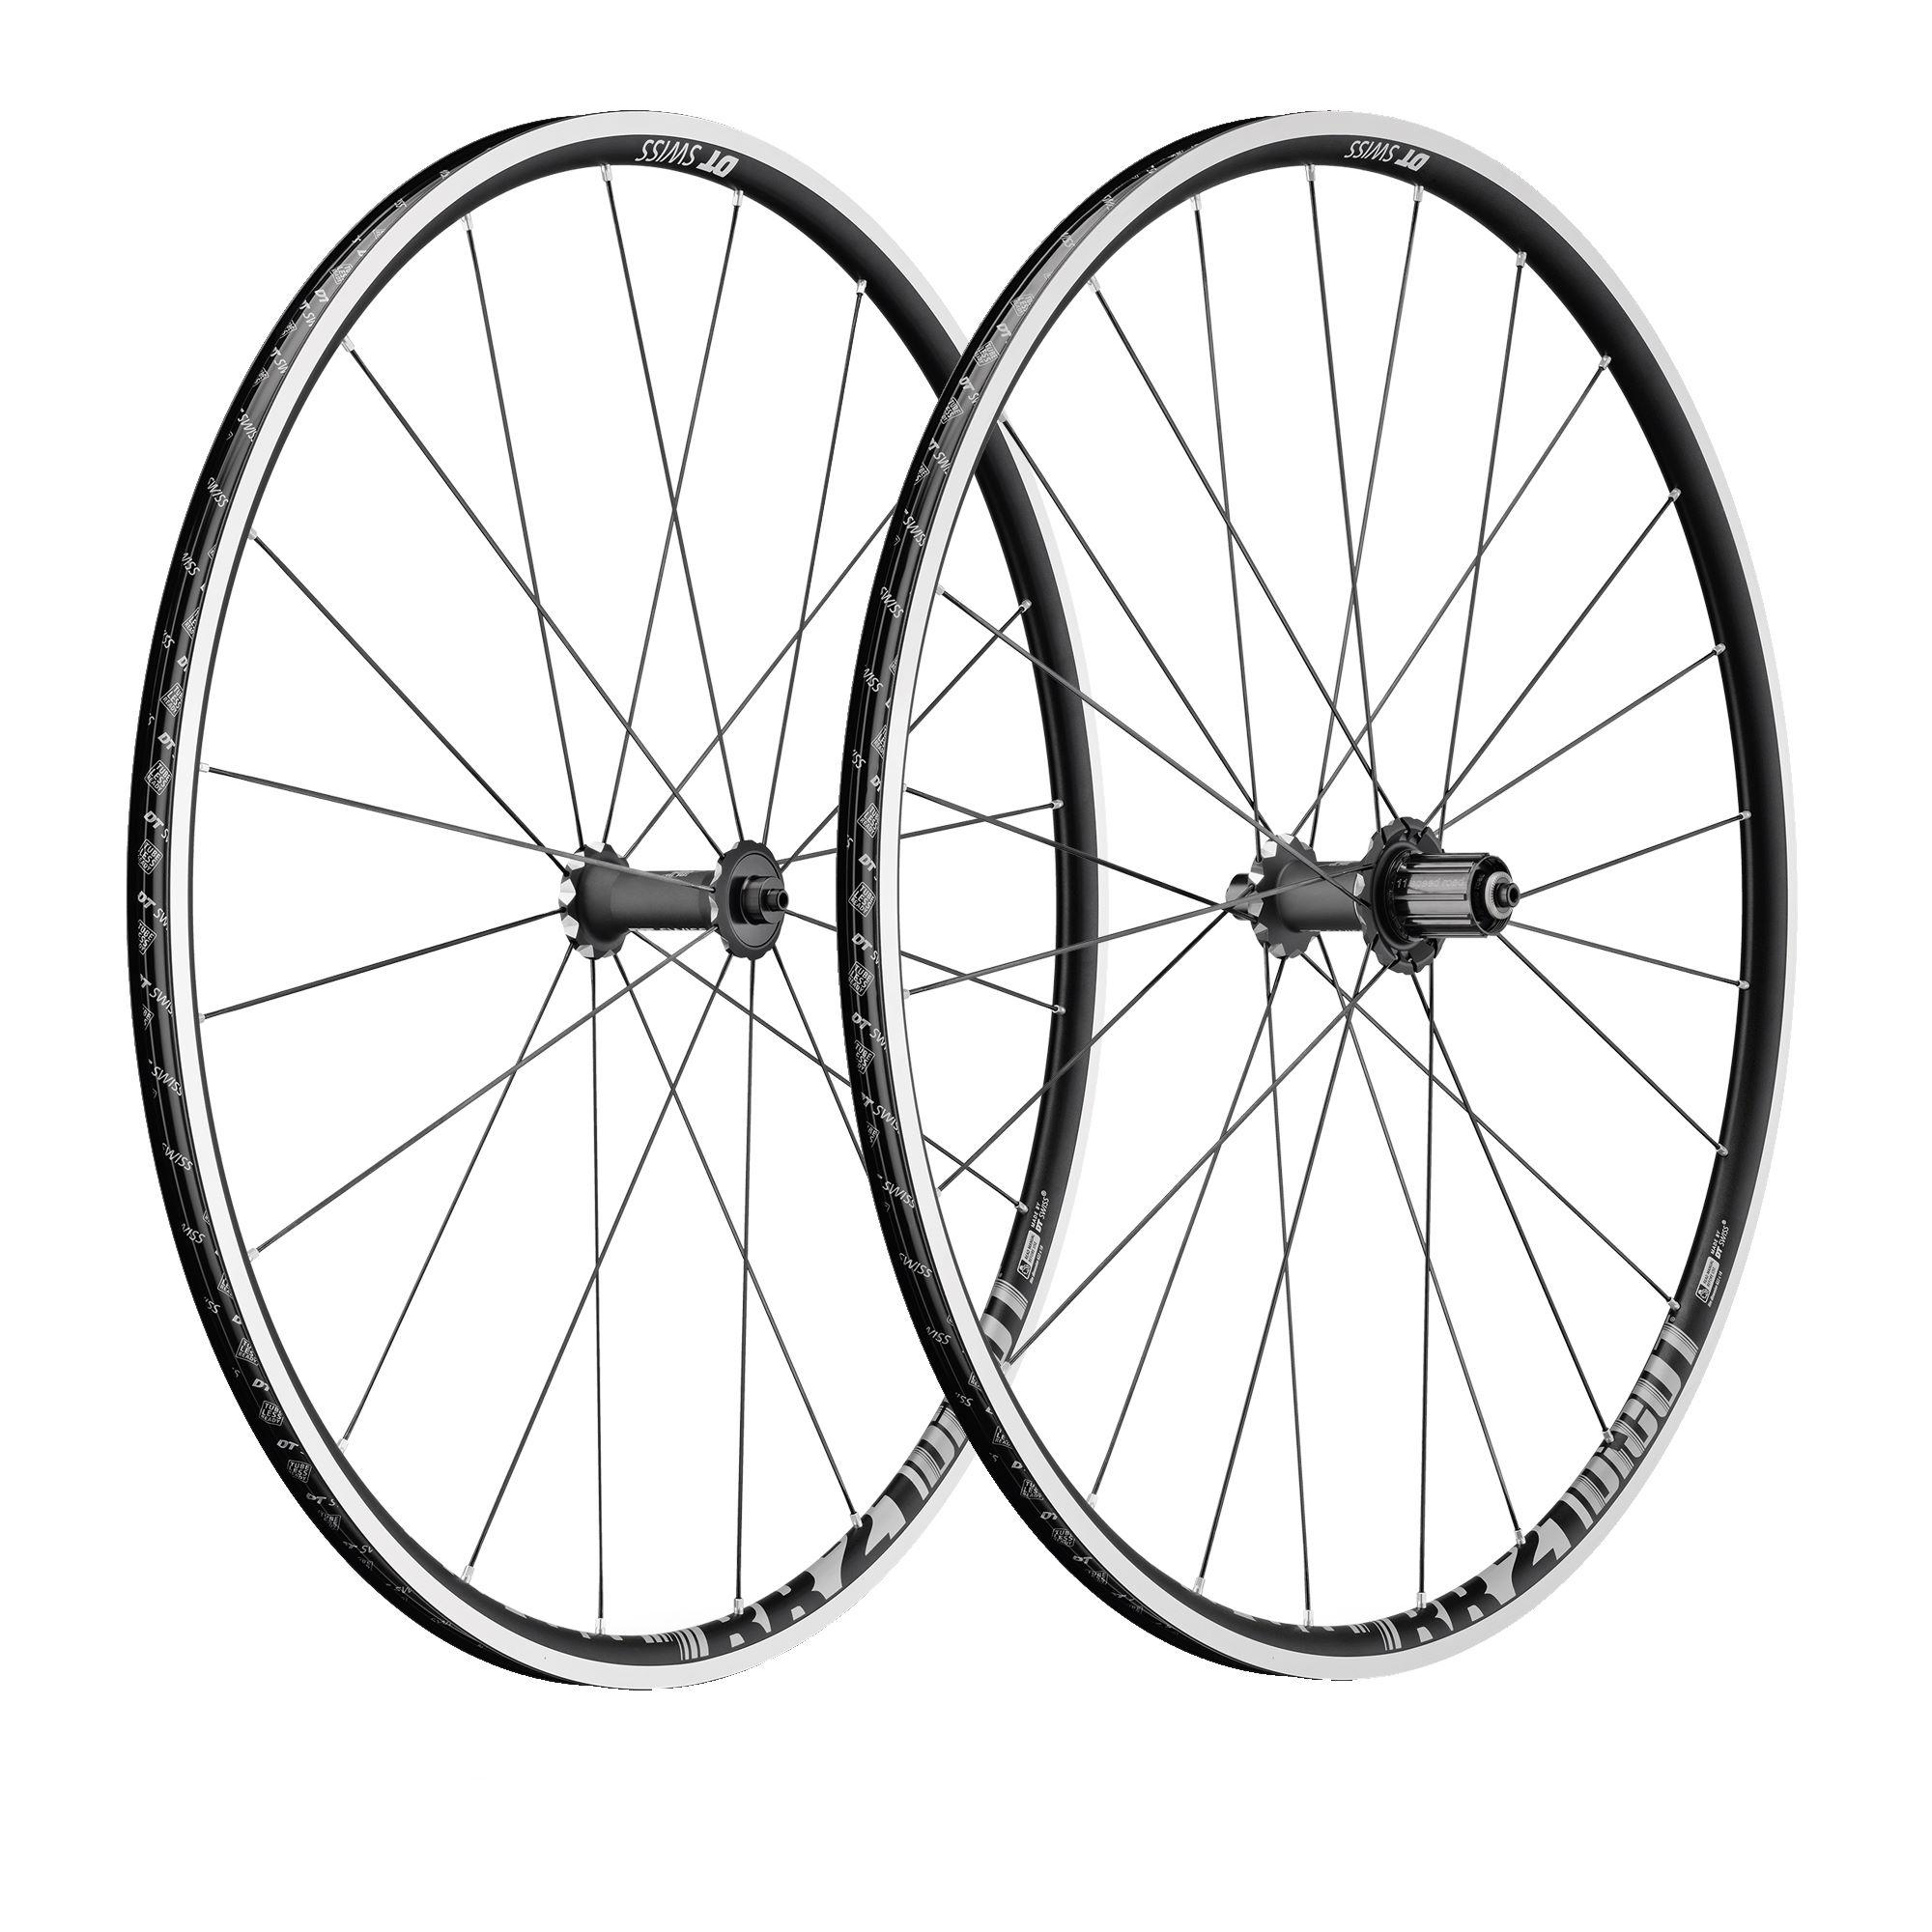 Roues vélo DT Swiss RR21 Dicut aluminium